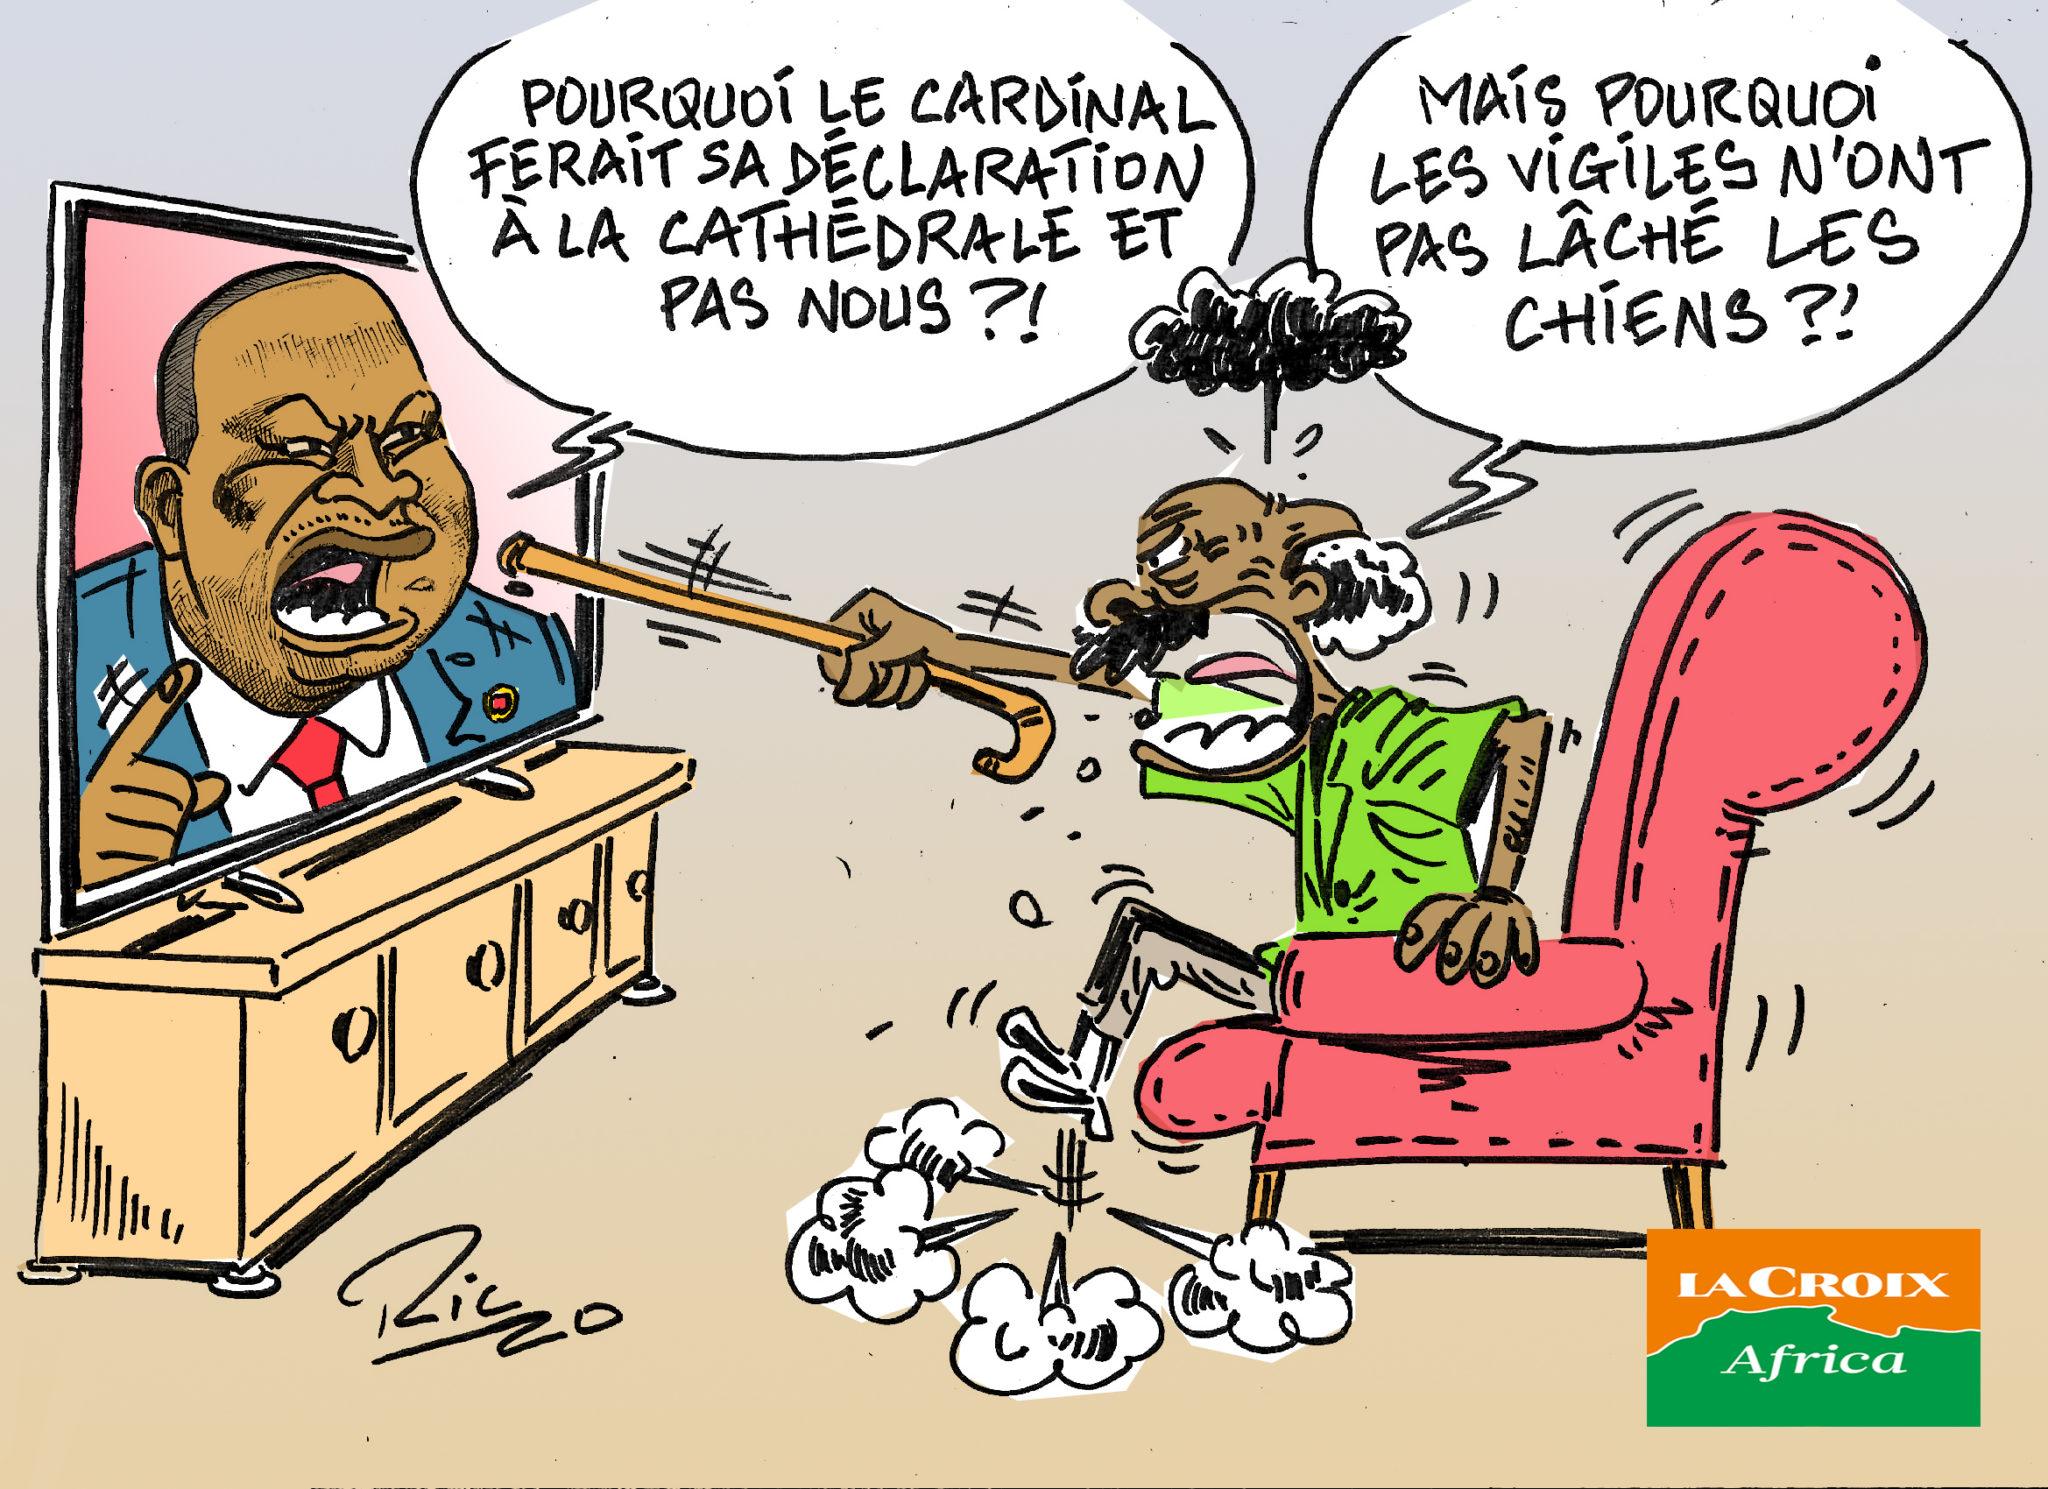 L'œil de Ric: À Abidjan, indignation après un point de presse de membres du gouvernement ivoirien à la cathédrale